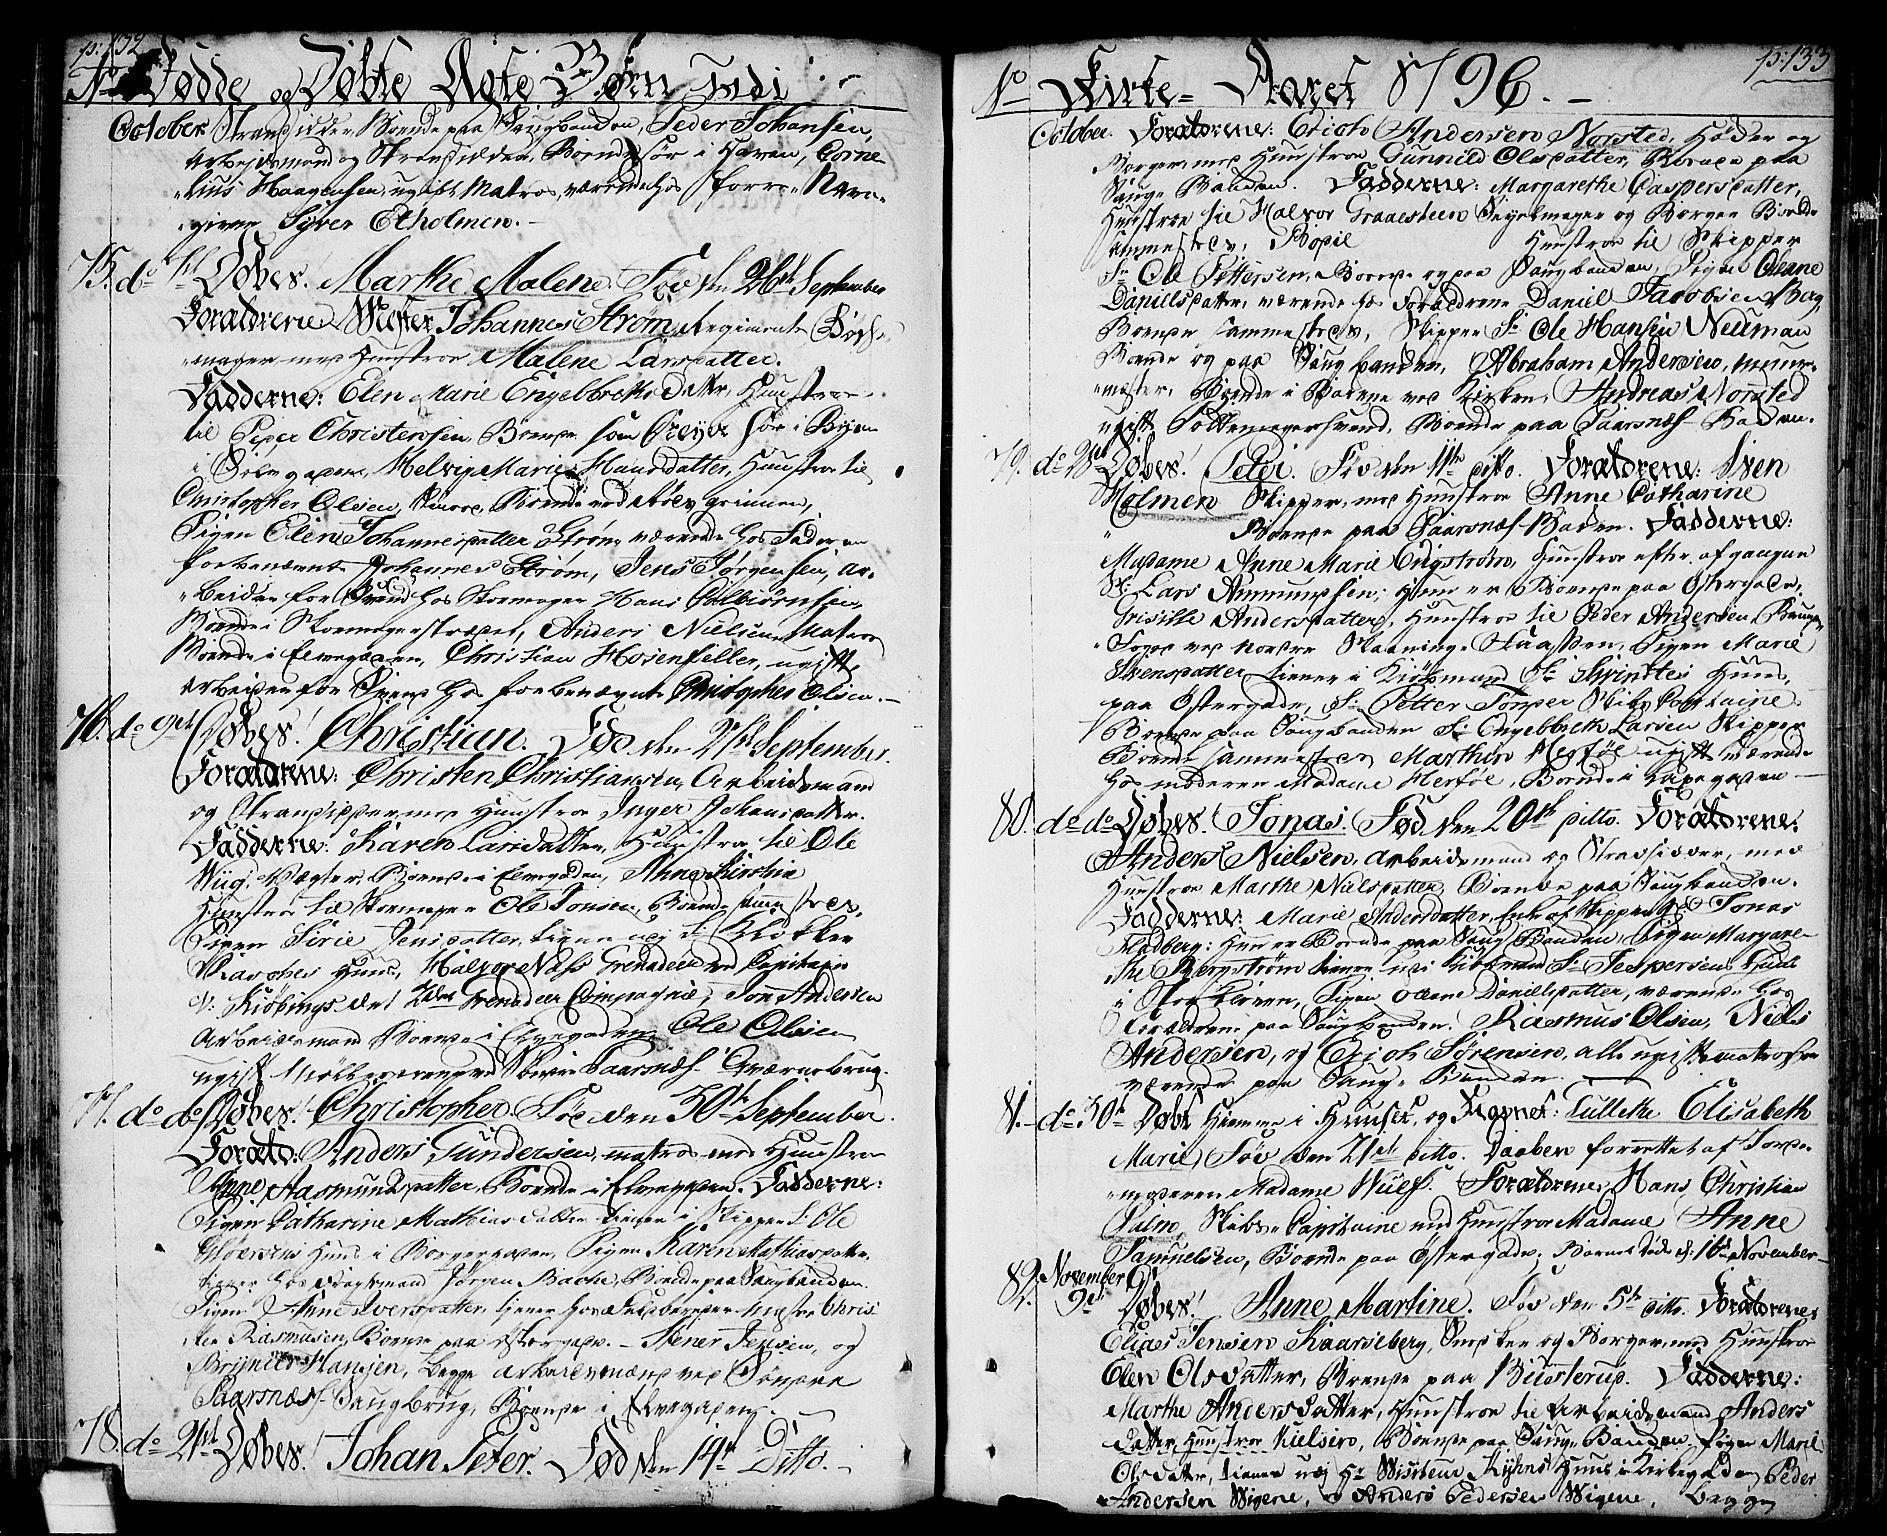 SAO, Halden prestekontor Kirkebøker, F/Fa/L0002: Ministerialbok nr. I 2, 1792-1812, s. 132-133